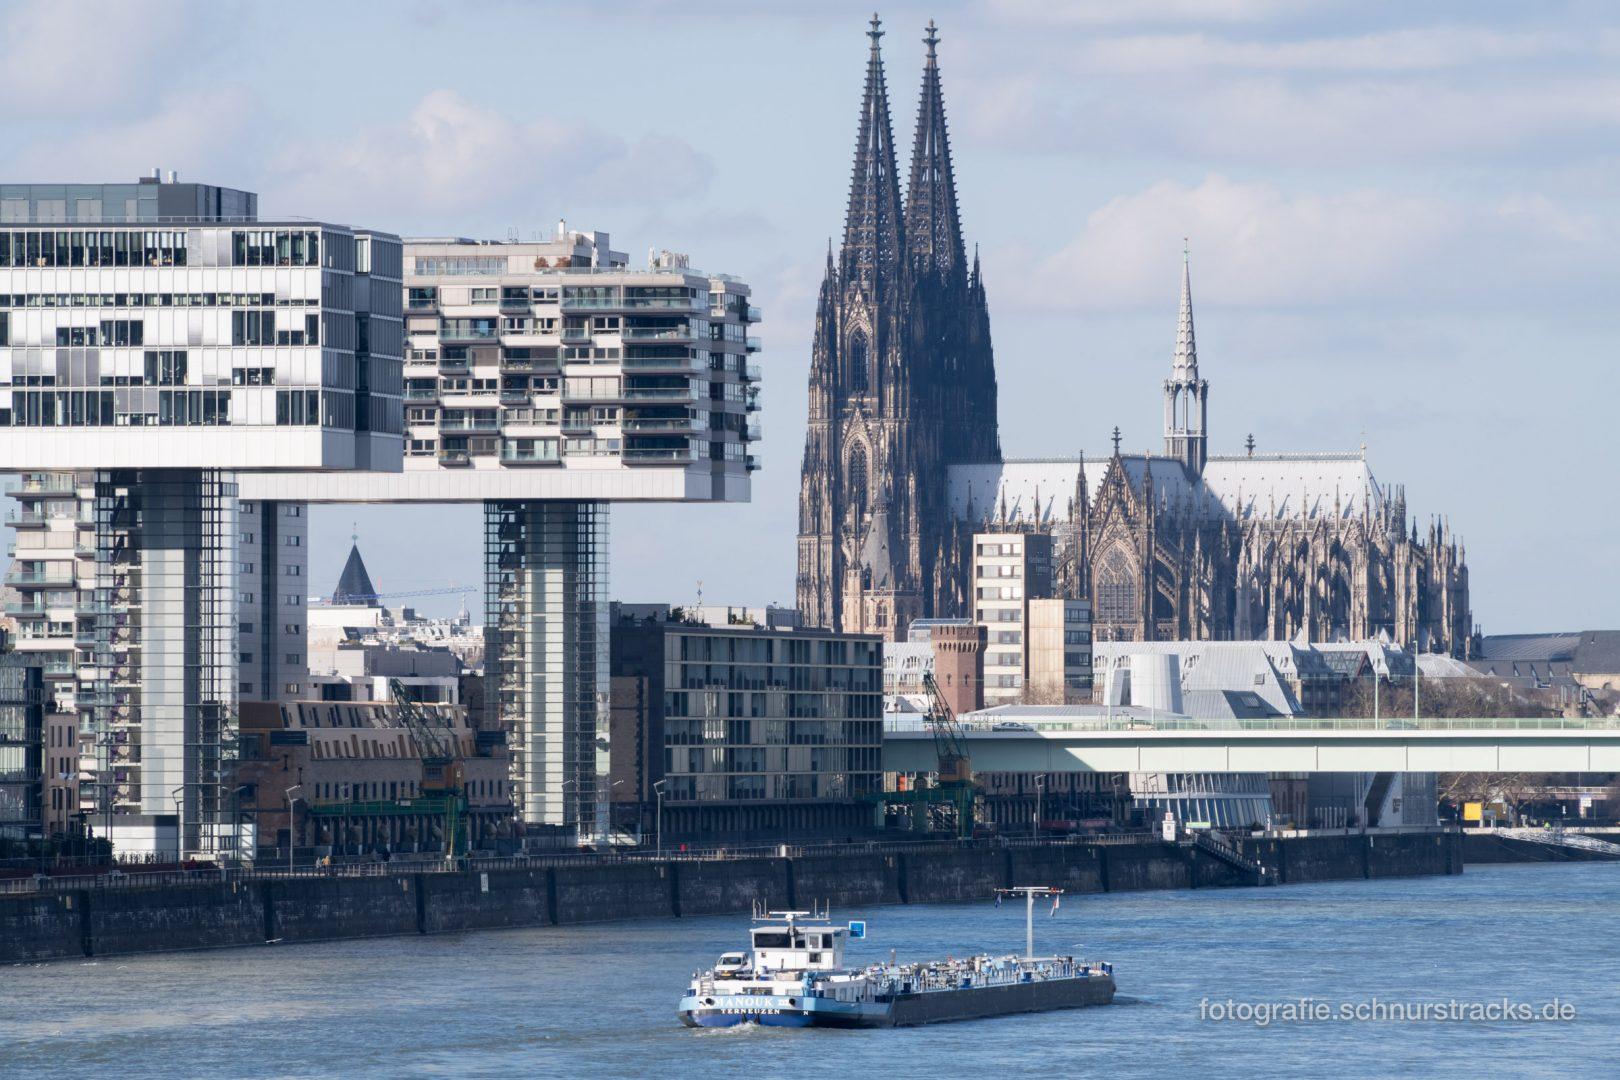 Kranhäuser, Rheinschiff und Kölner Dom #0976